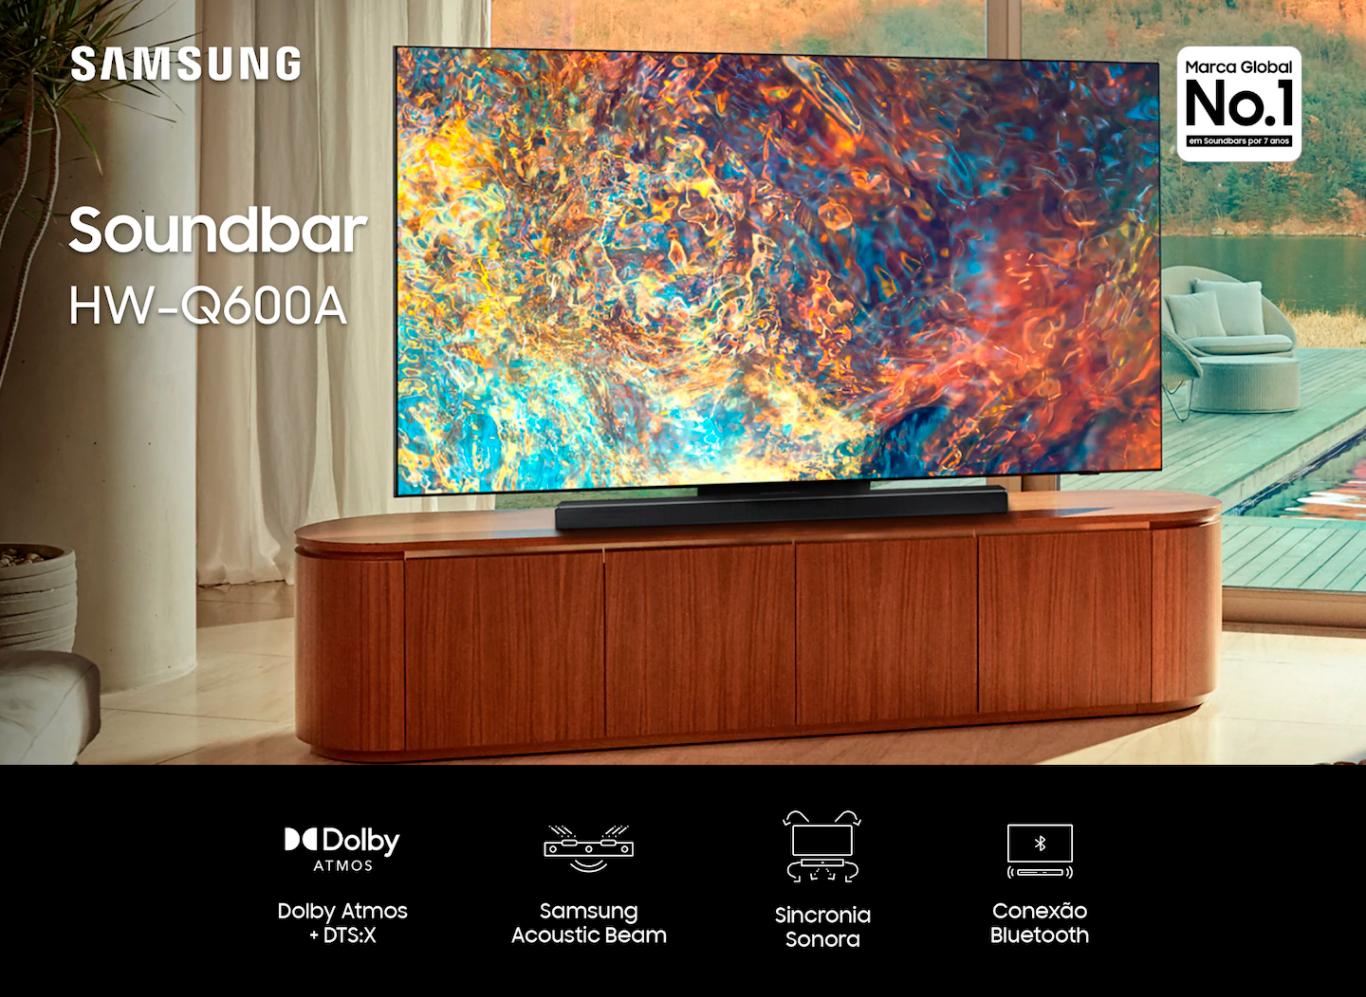 Soundbar Samsung  com 3.1.2 canais, Bluetooth, Subwoofer sem fio,Dolby Atmos e Acoustic Beam